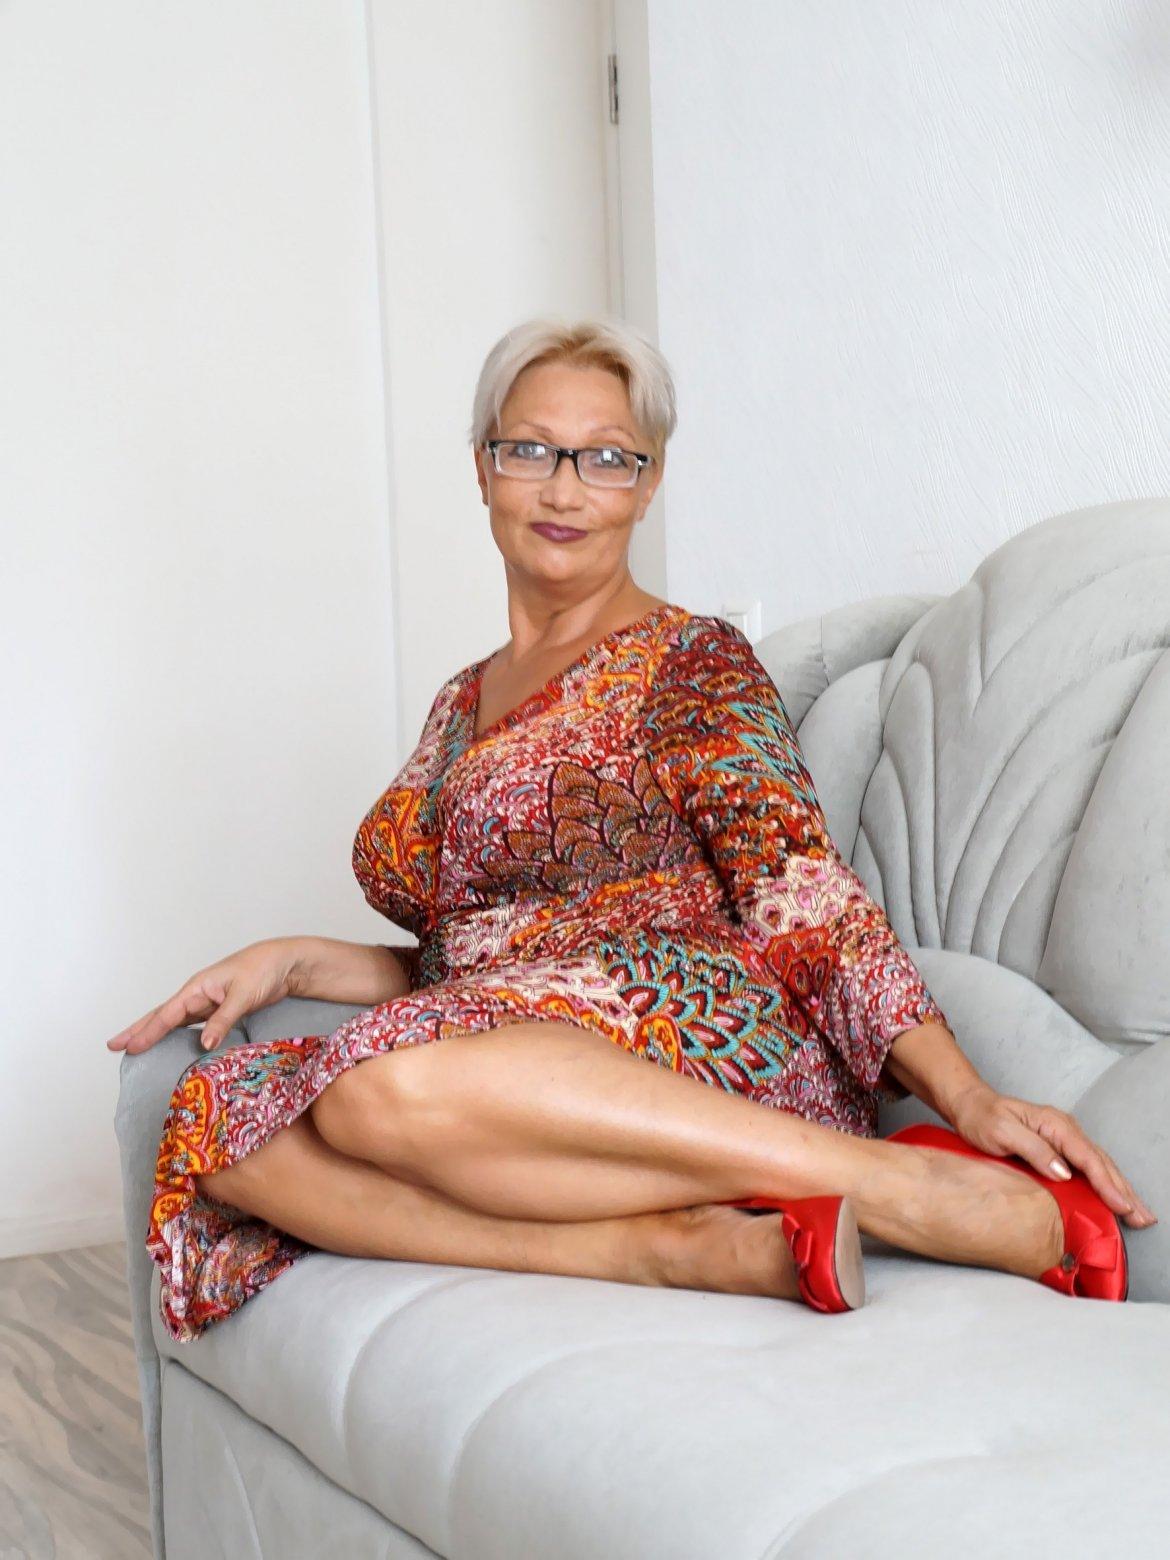 Жена Вышла Голой Видео